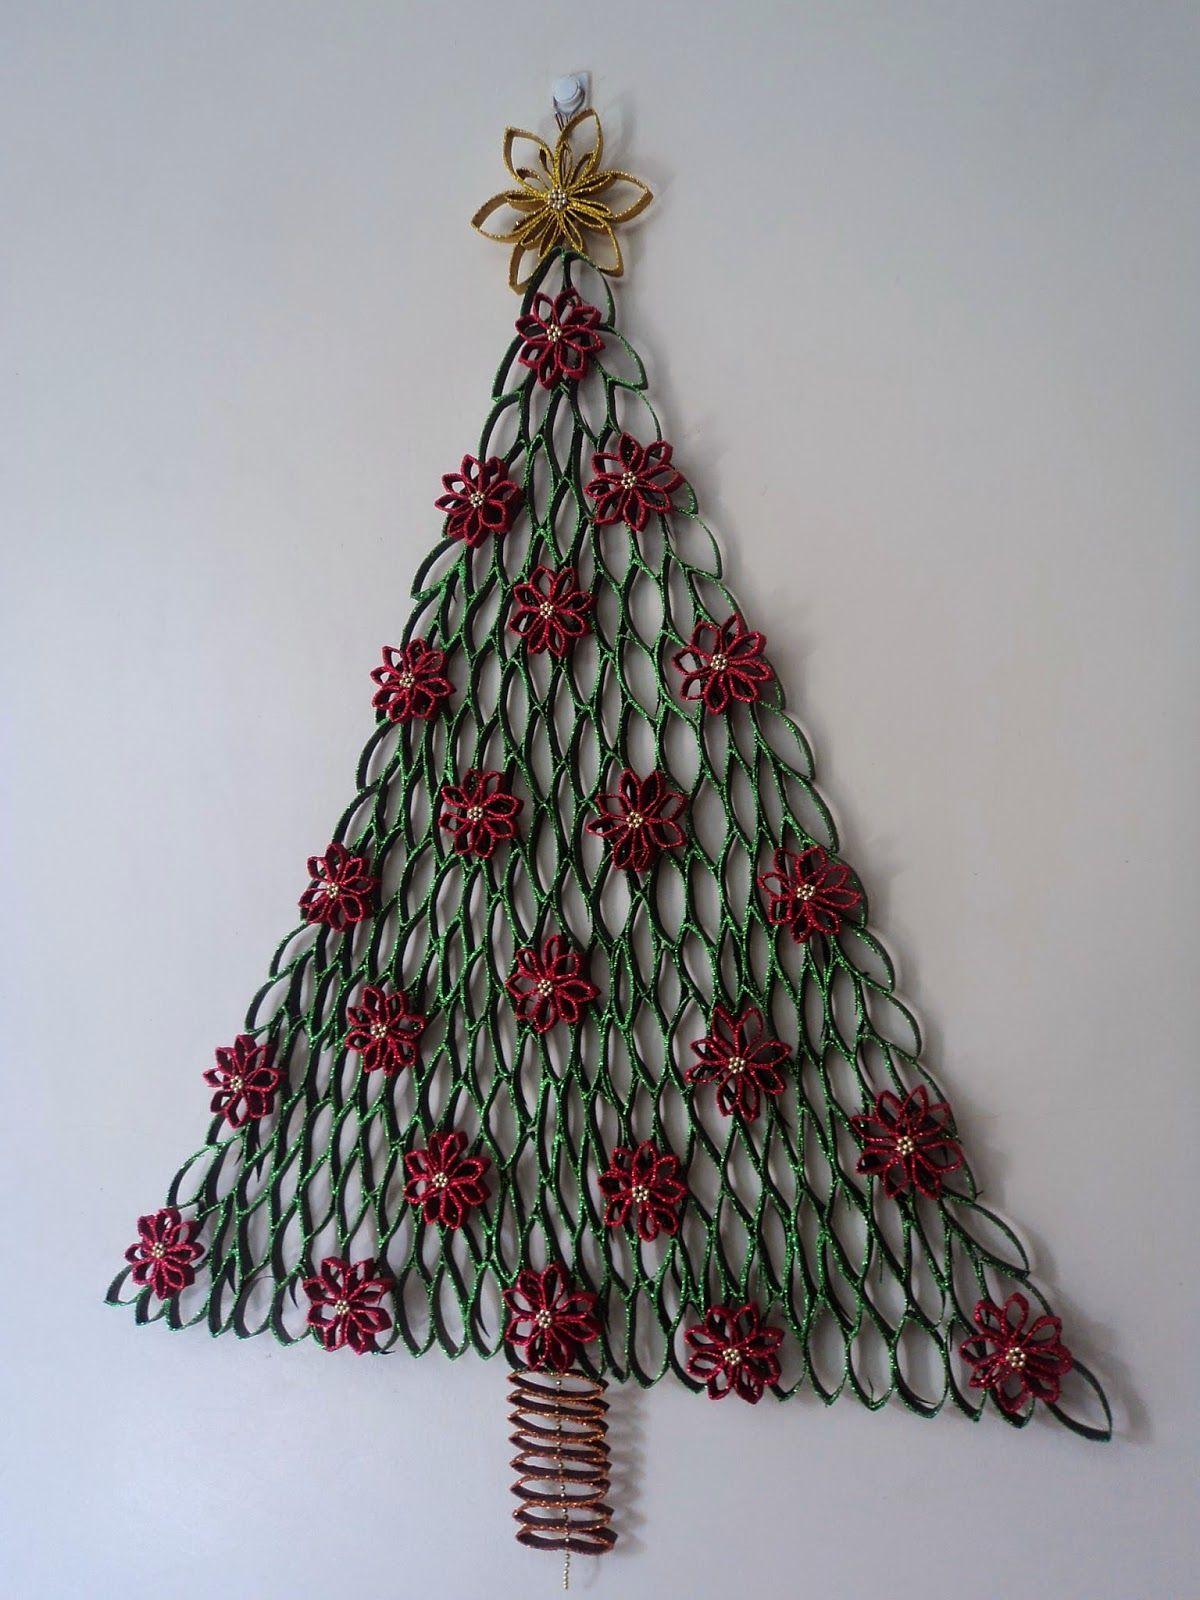 Manualidades para navidad con rollos de papel higienico - Decoracion navidad papel ...